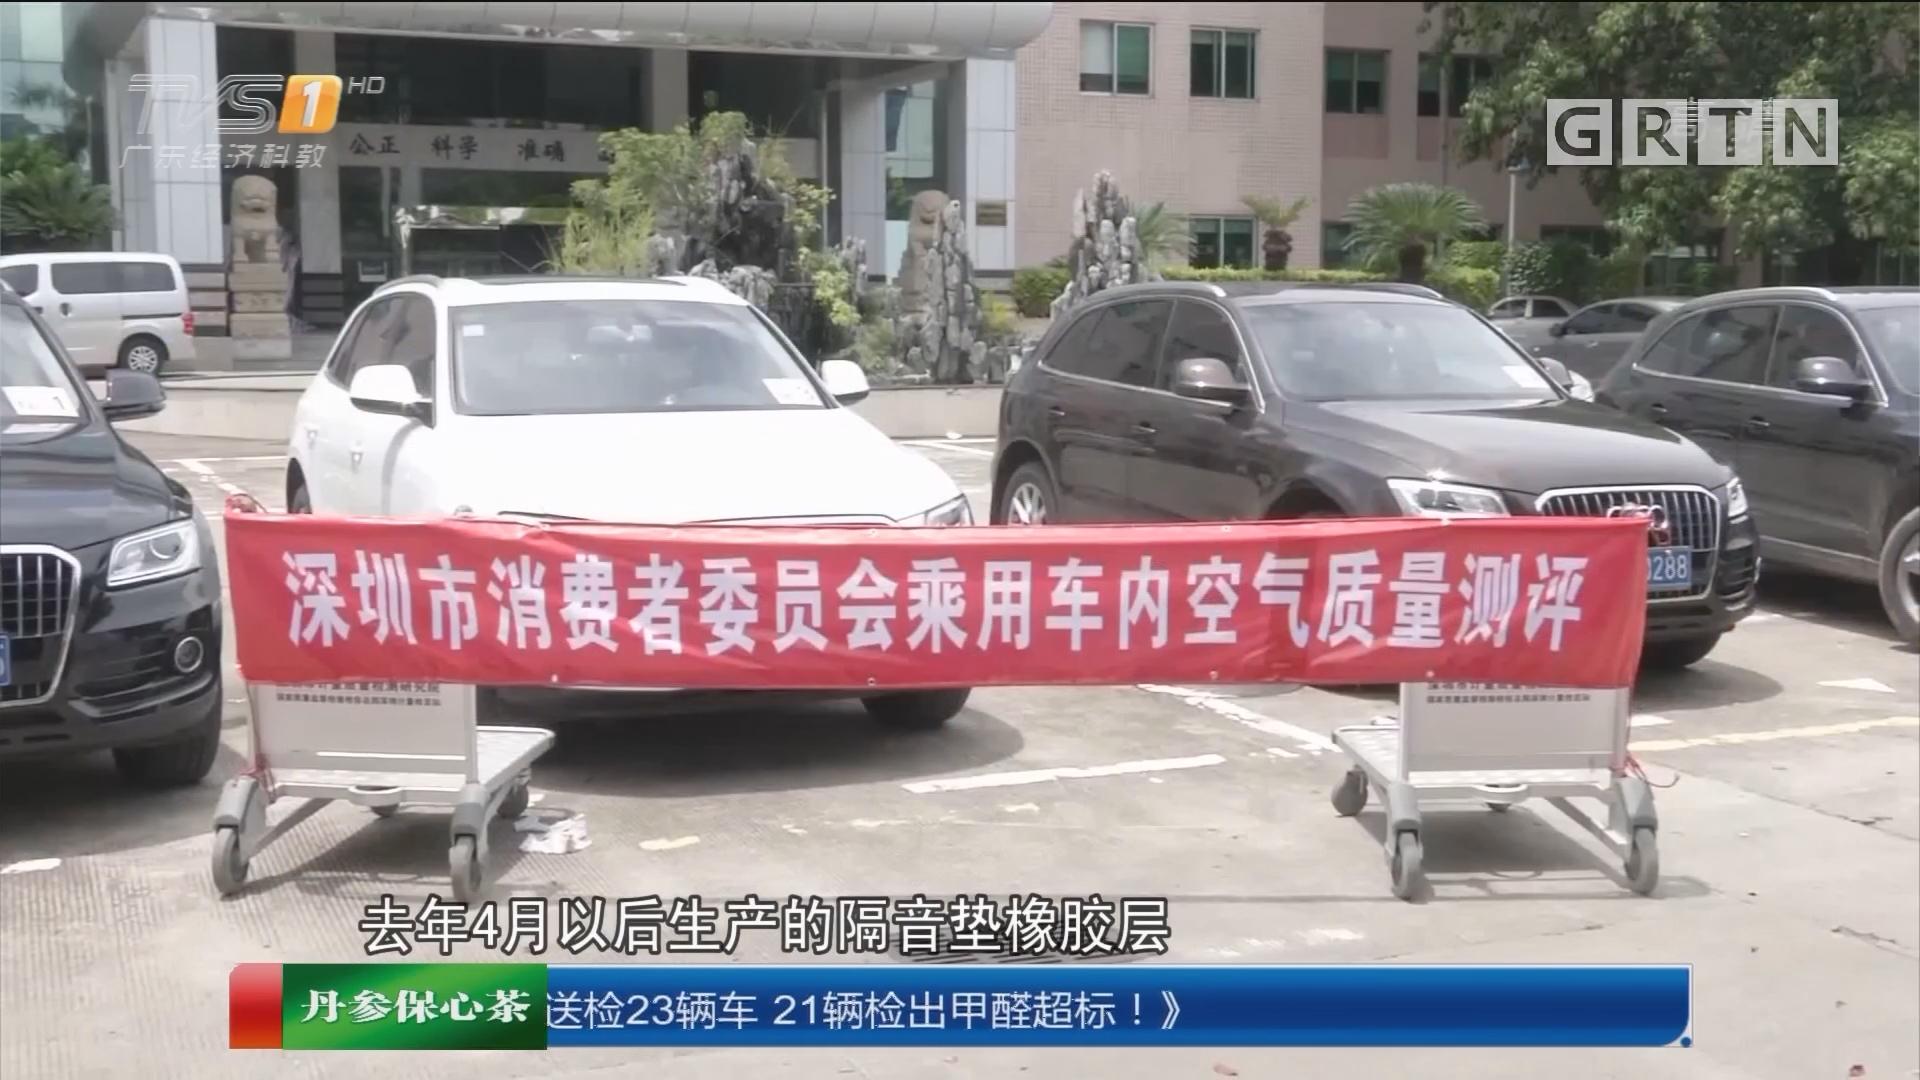 深圳:奥迪Q5车内异味追踪 送检23辆车 21辆检出甲醛超标!